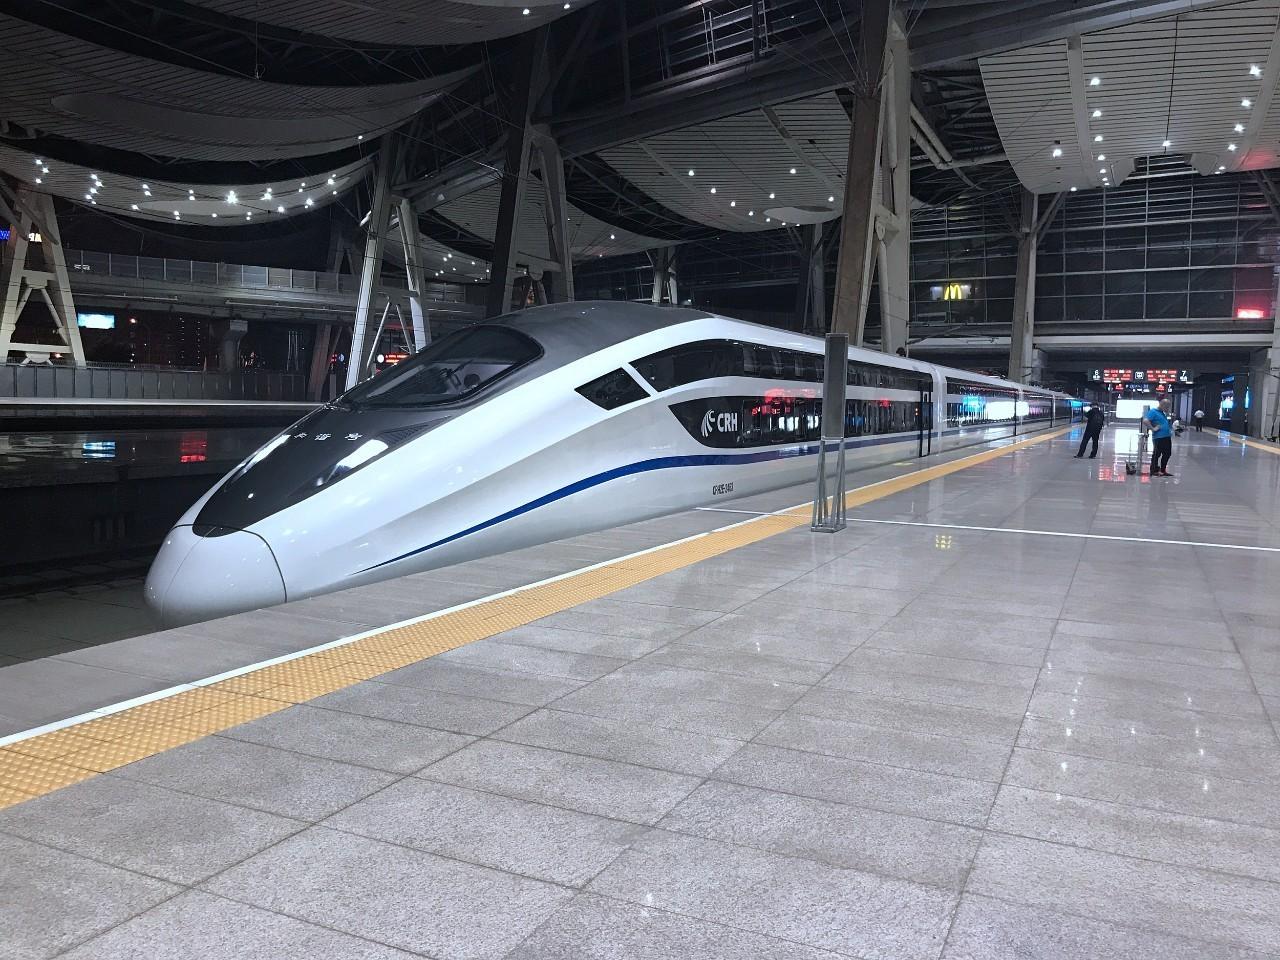 现在直达特快自宁波到北京的火车硬座和卧铺各是多少的票价?...